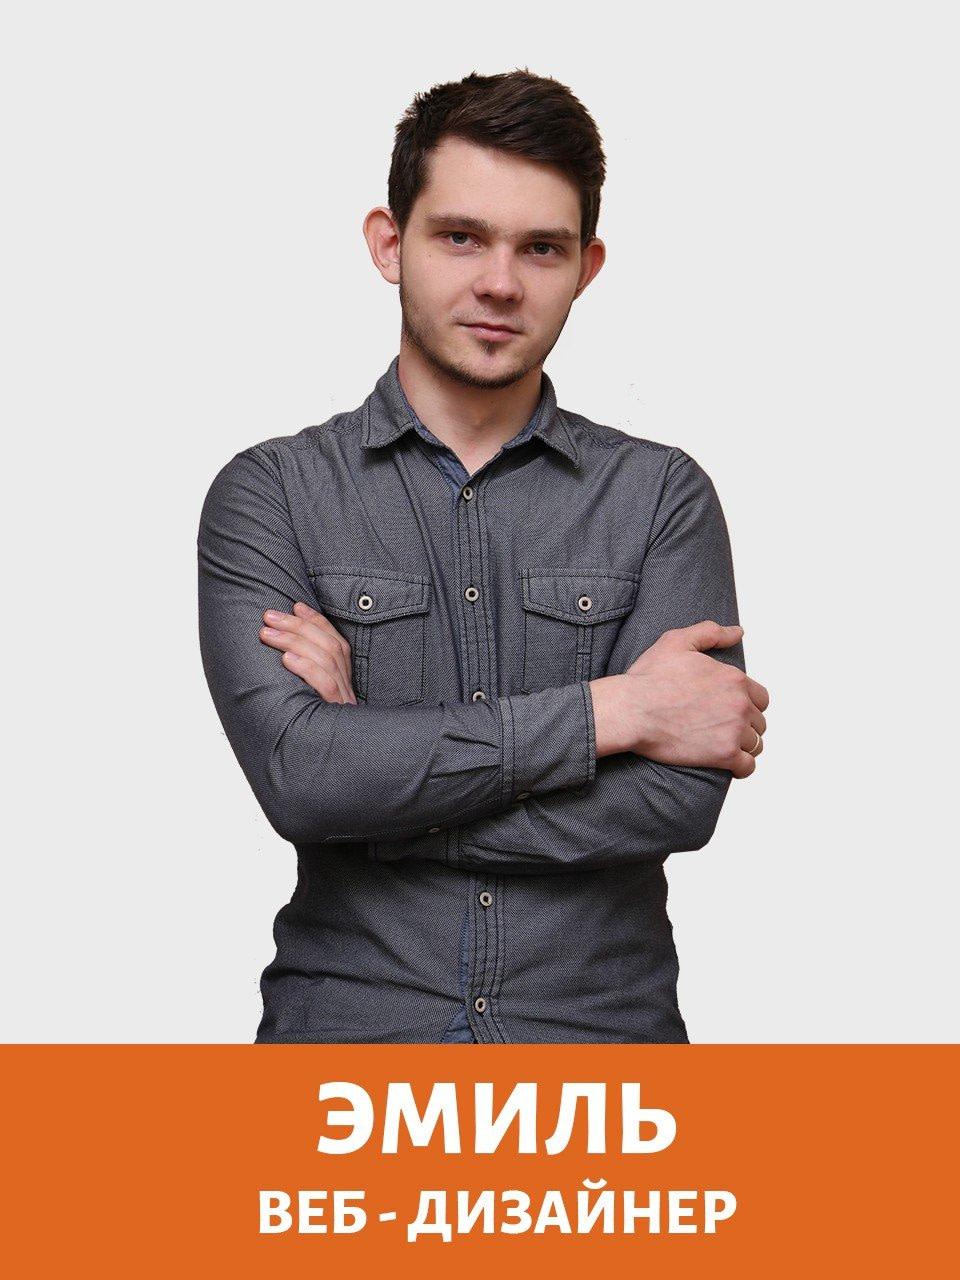 jemil veb dizajner - Создание и разработка сайтов в Актобе